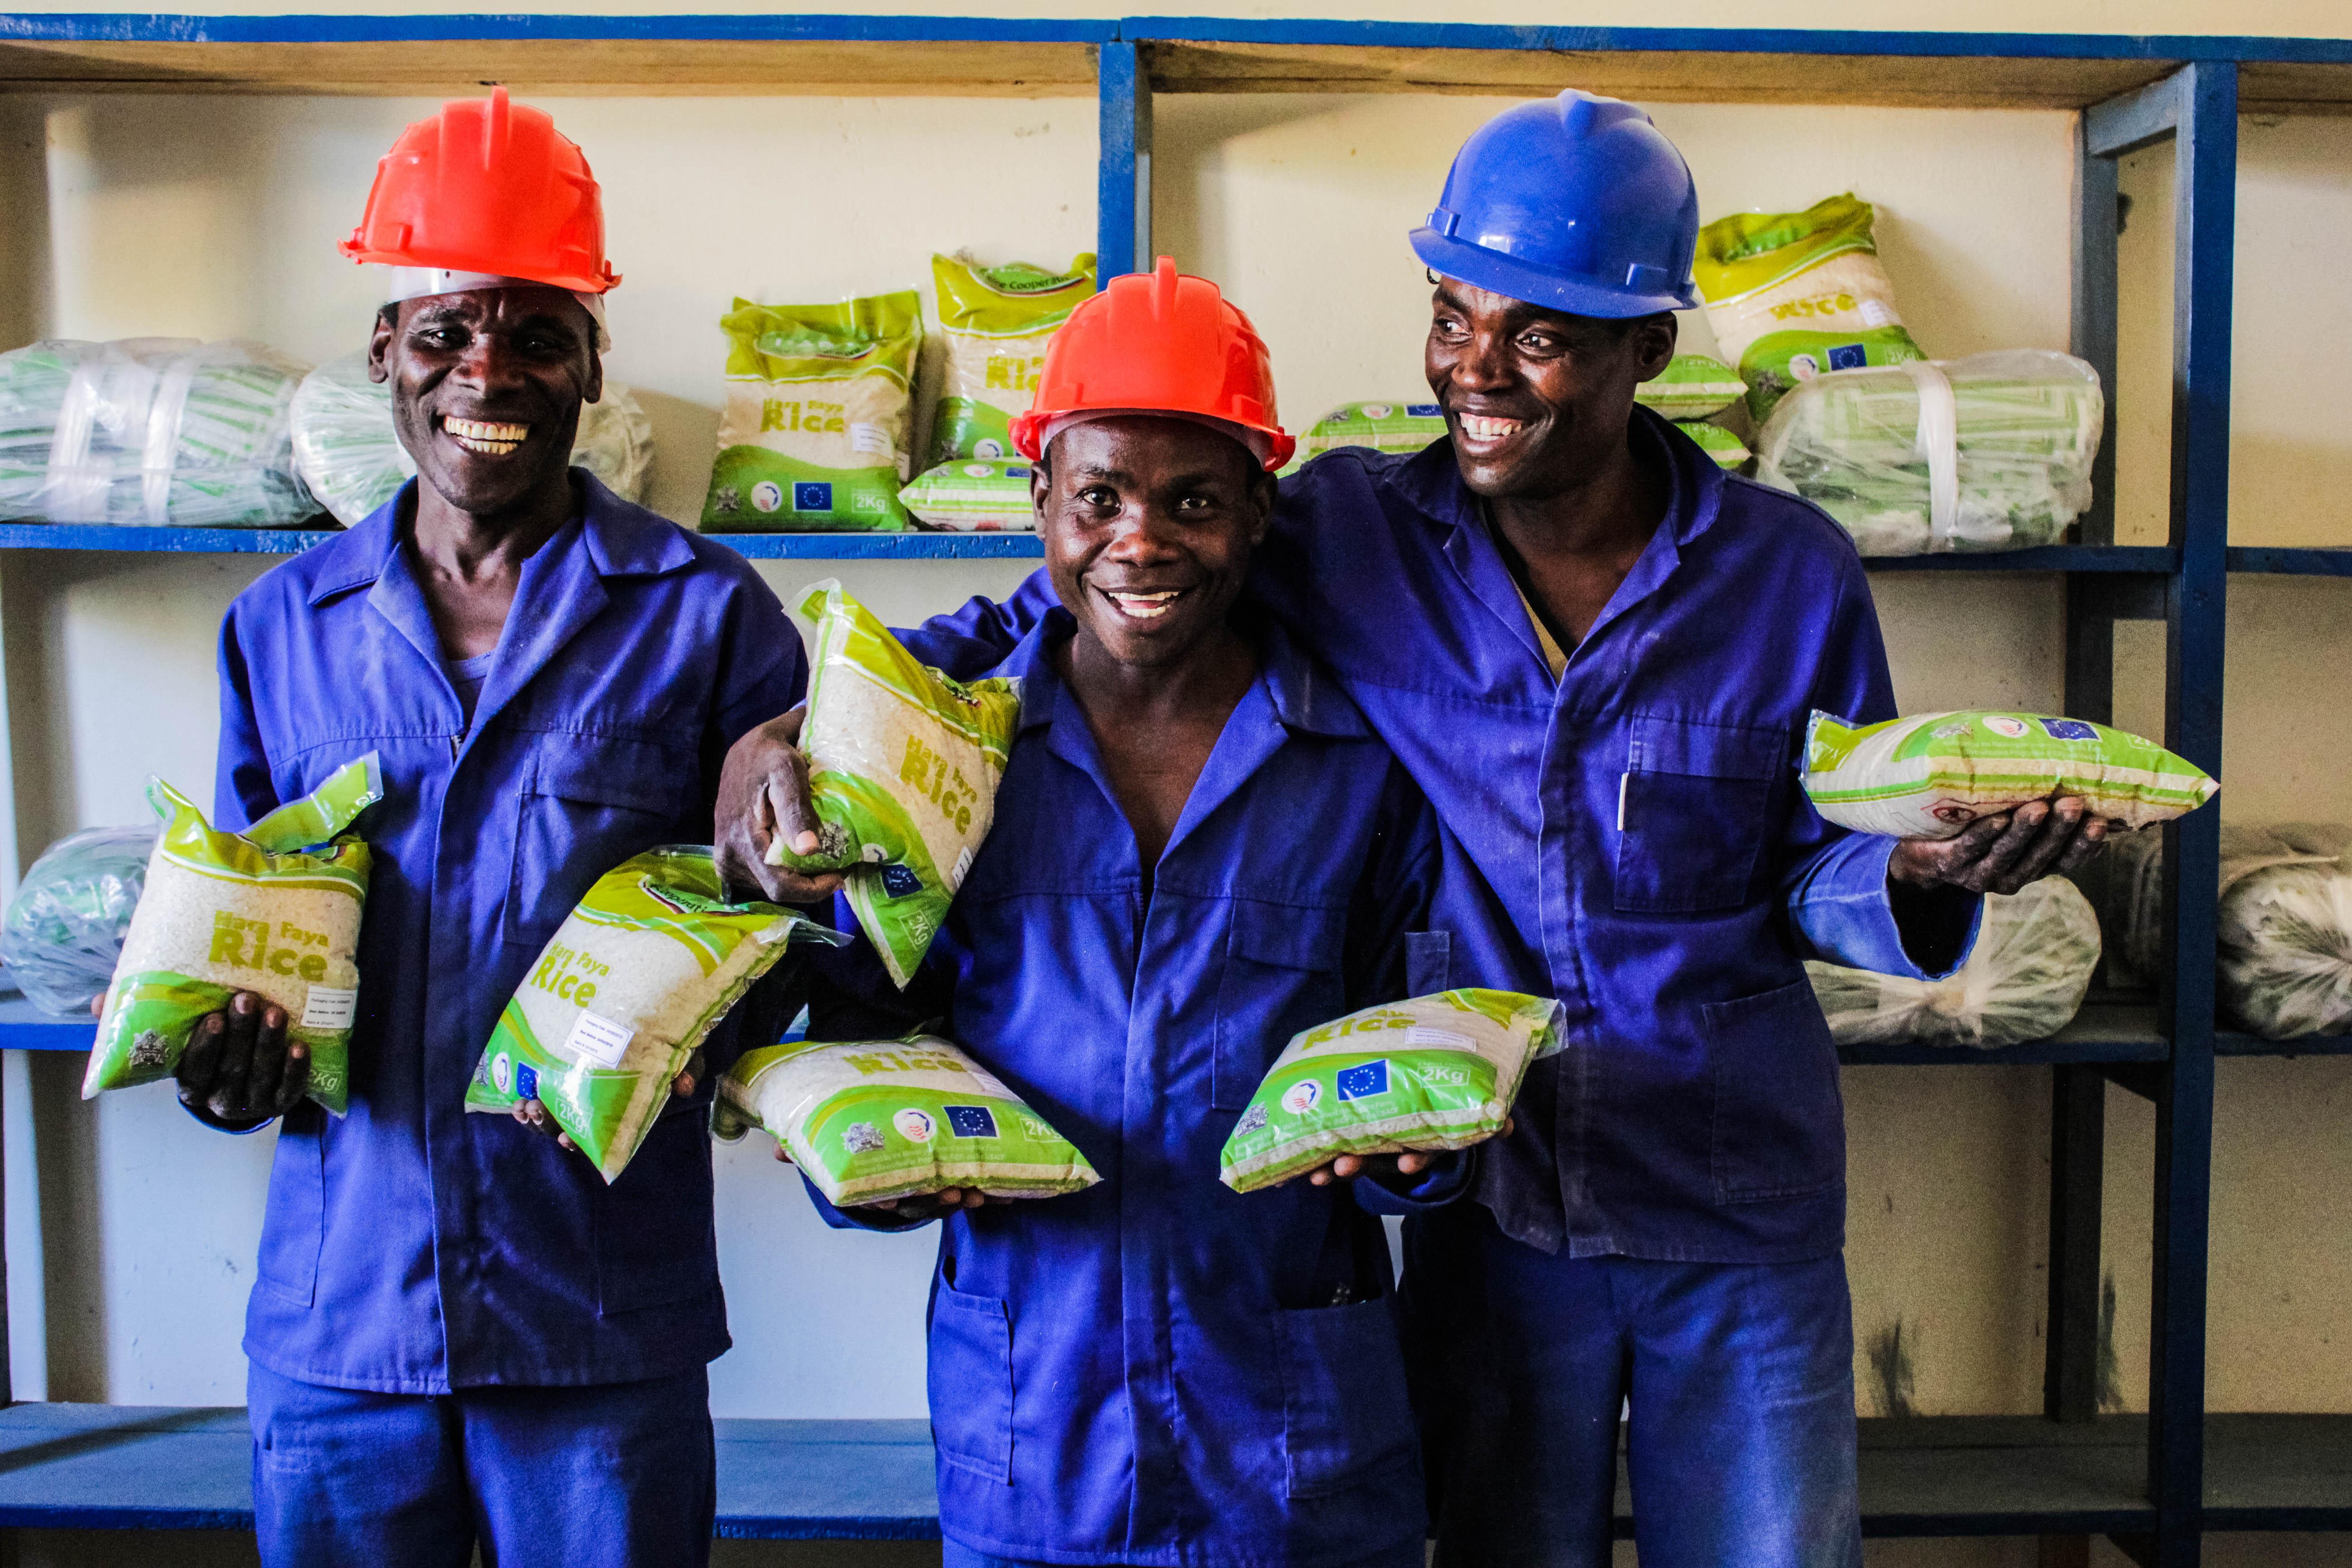 Als versterker van kmo's in Malawi zal Tradeline in de toekomst een meer commerciële rol spelen.